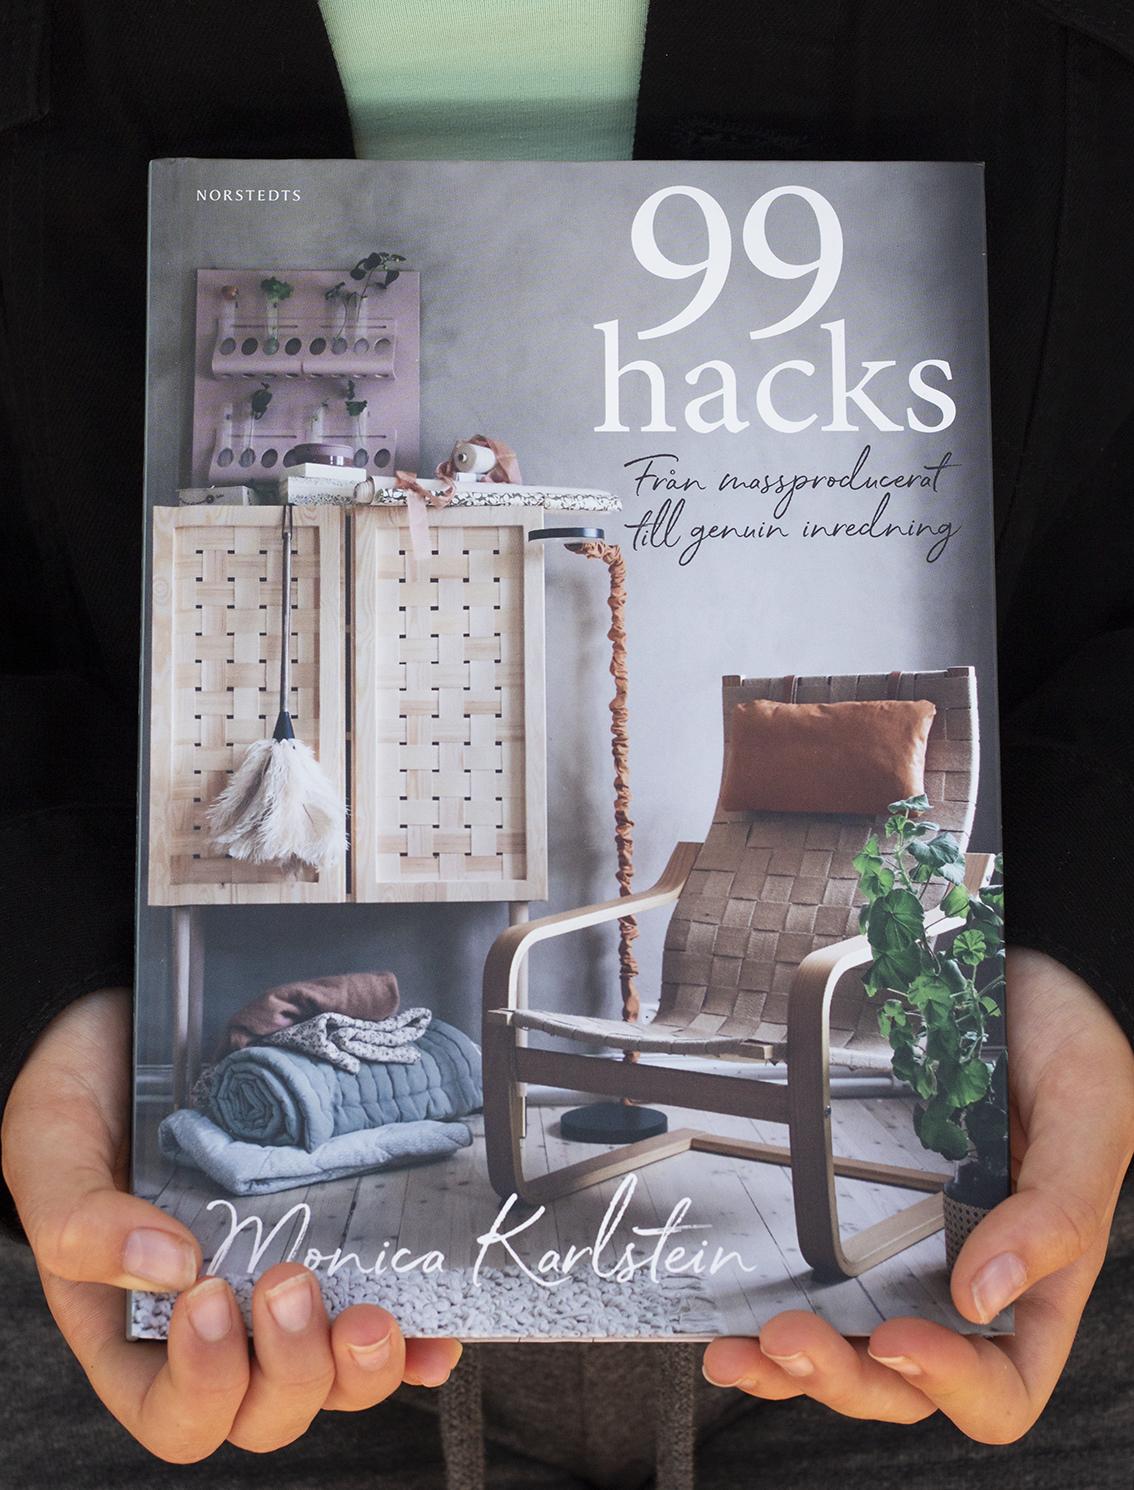 99 hacks av Monica Karlstein